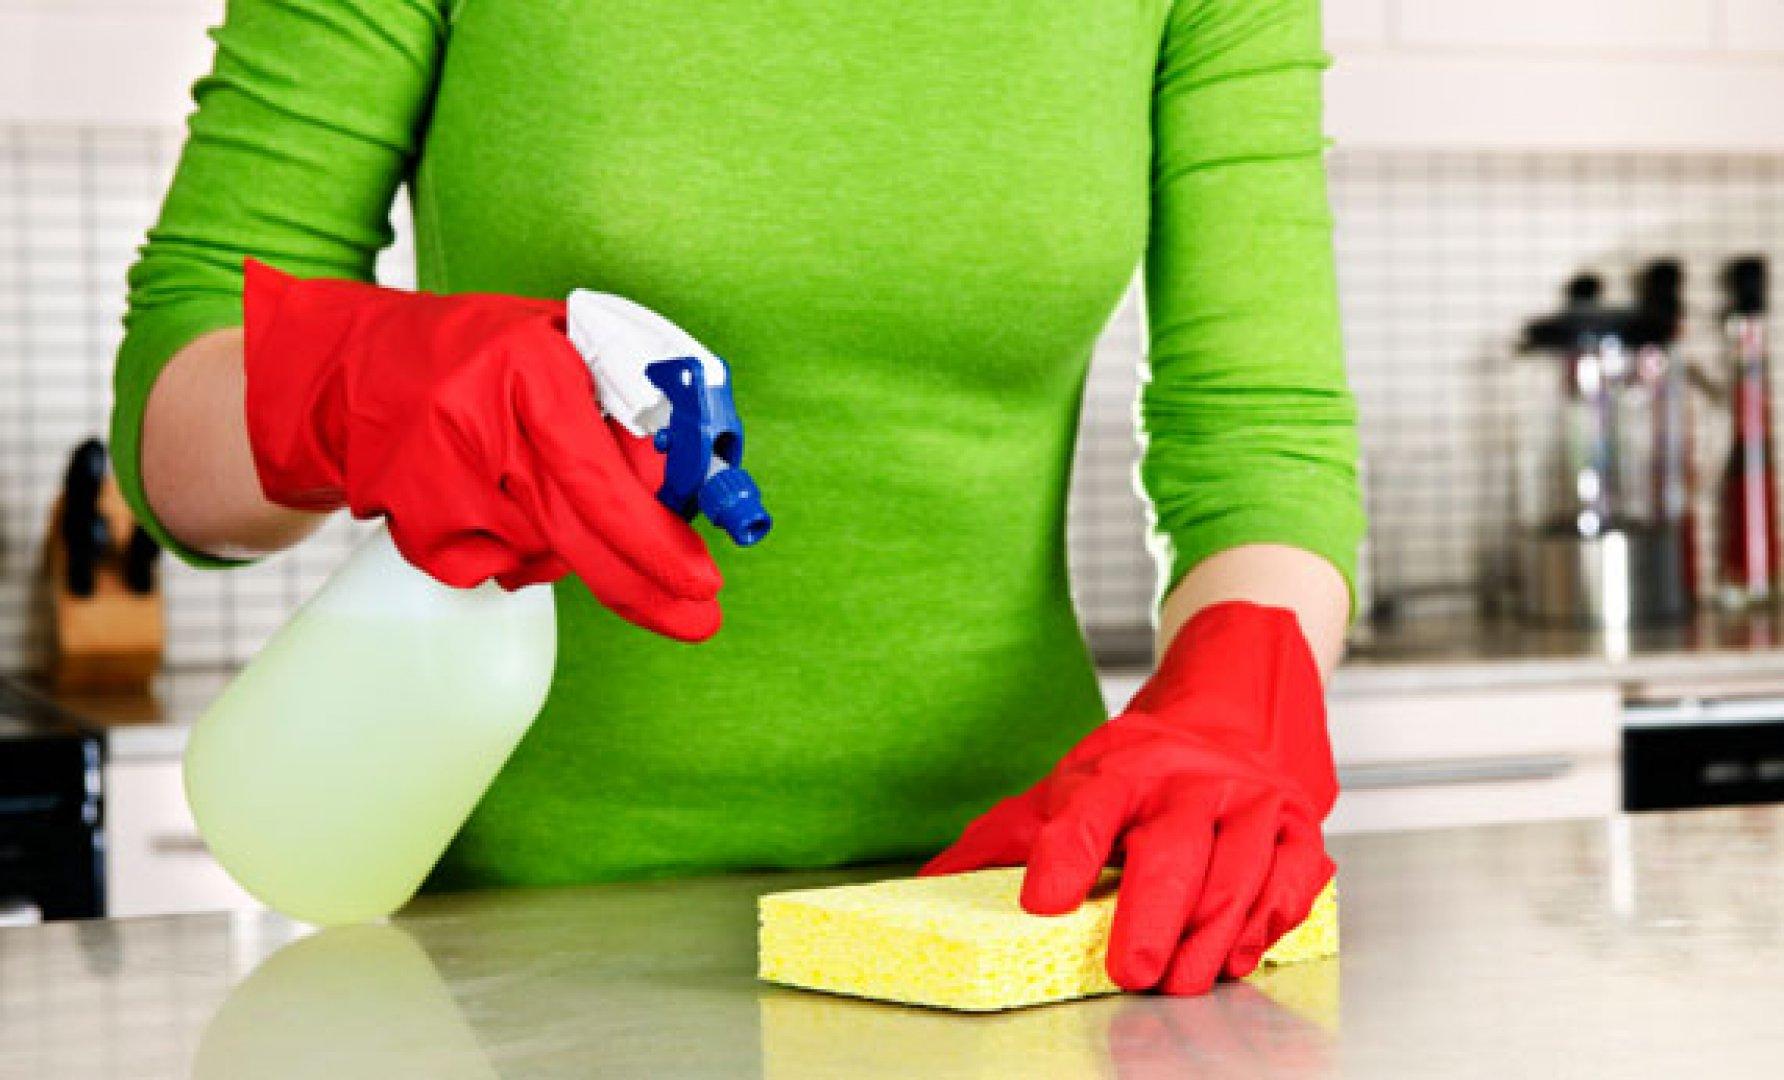 Top Cucina Legno Manutenzione top cucina: pulizia e manutenzione - secondlifekitchen